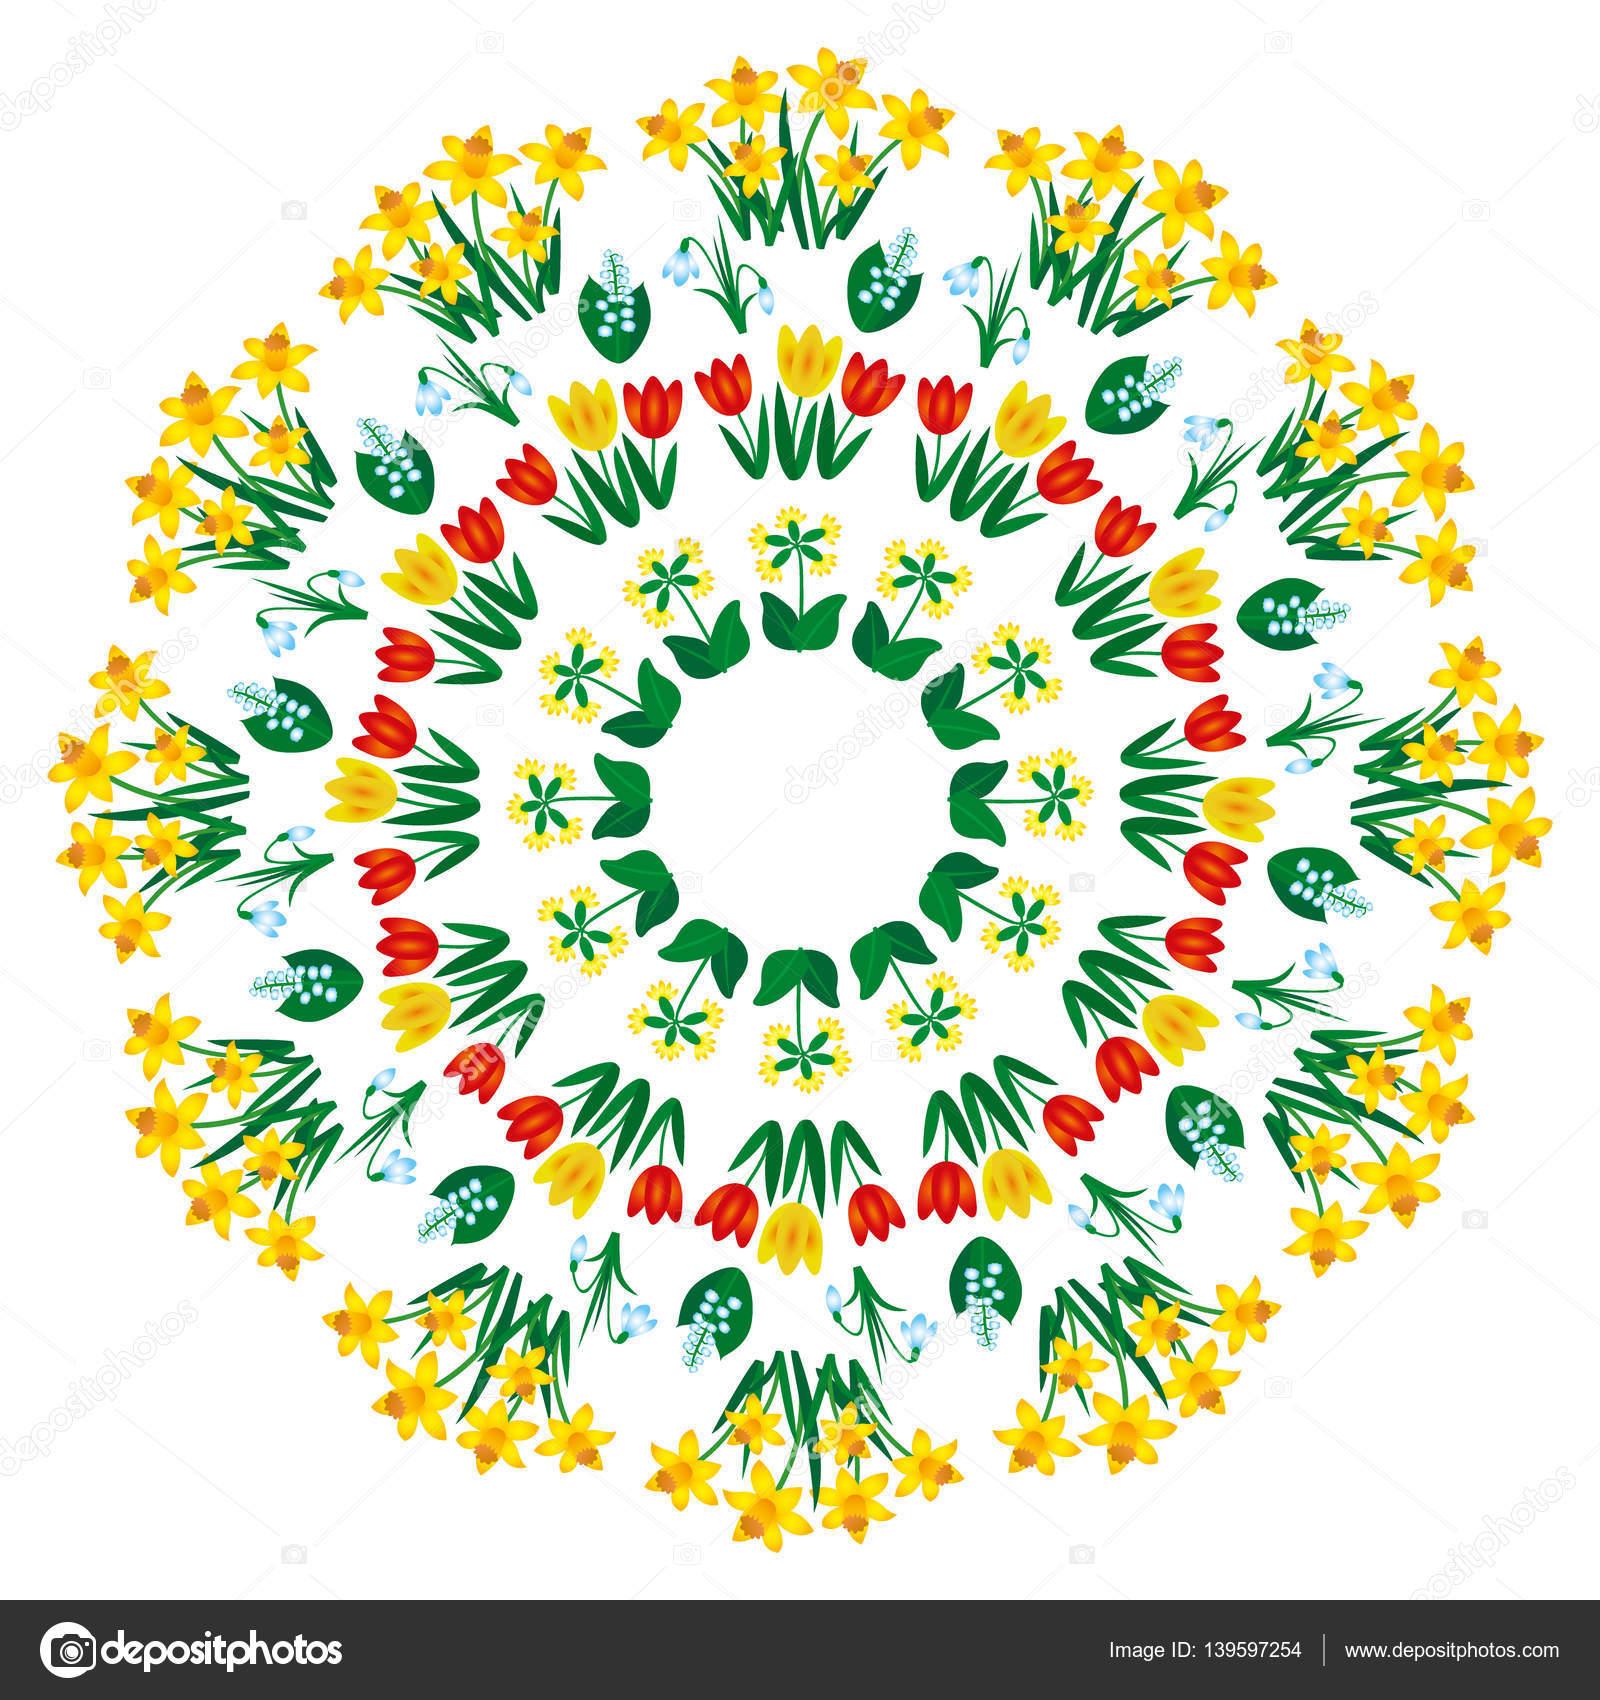 Kleurplaten Mandala Lente.Vector Gekleurde Ronde Lente Bloemen Mandala Volwassen